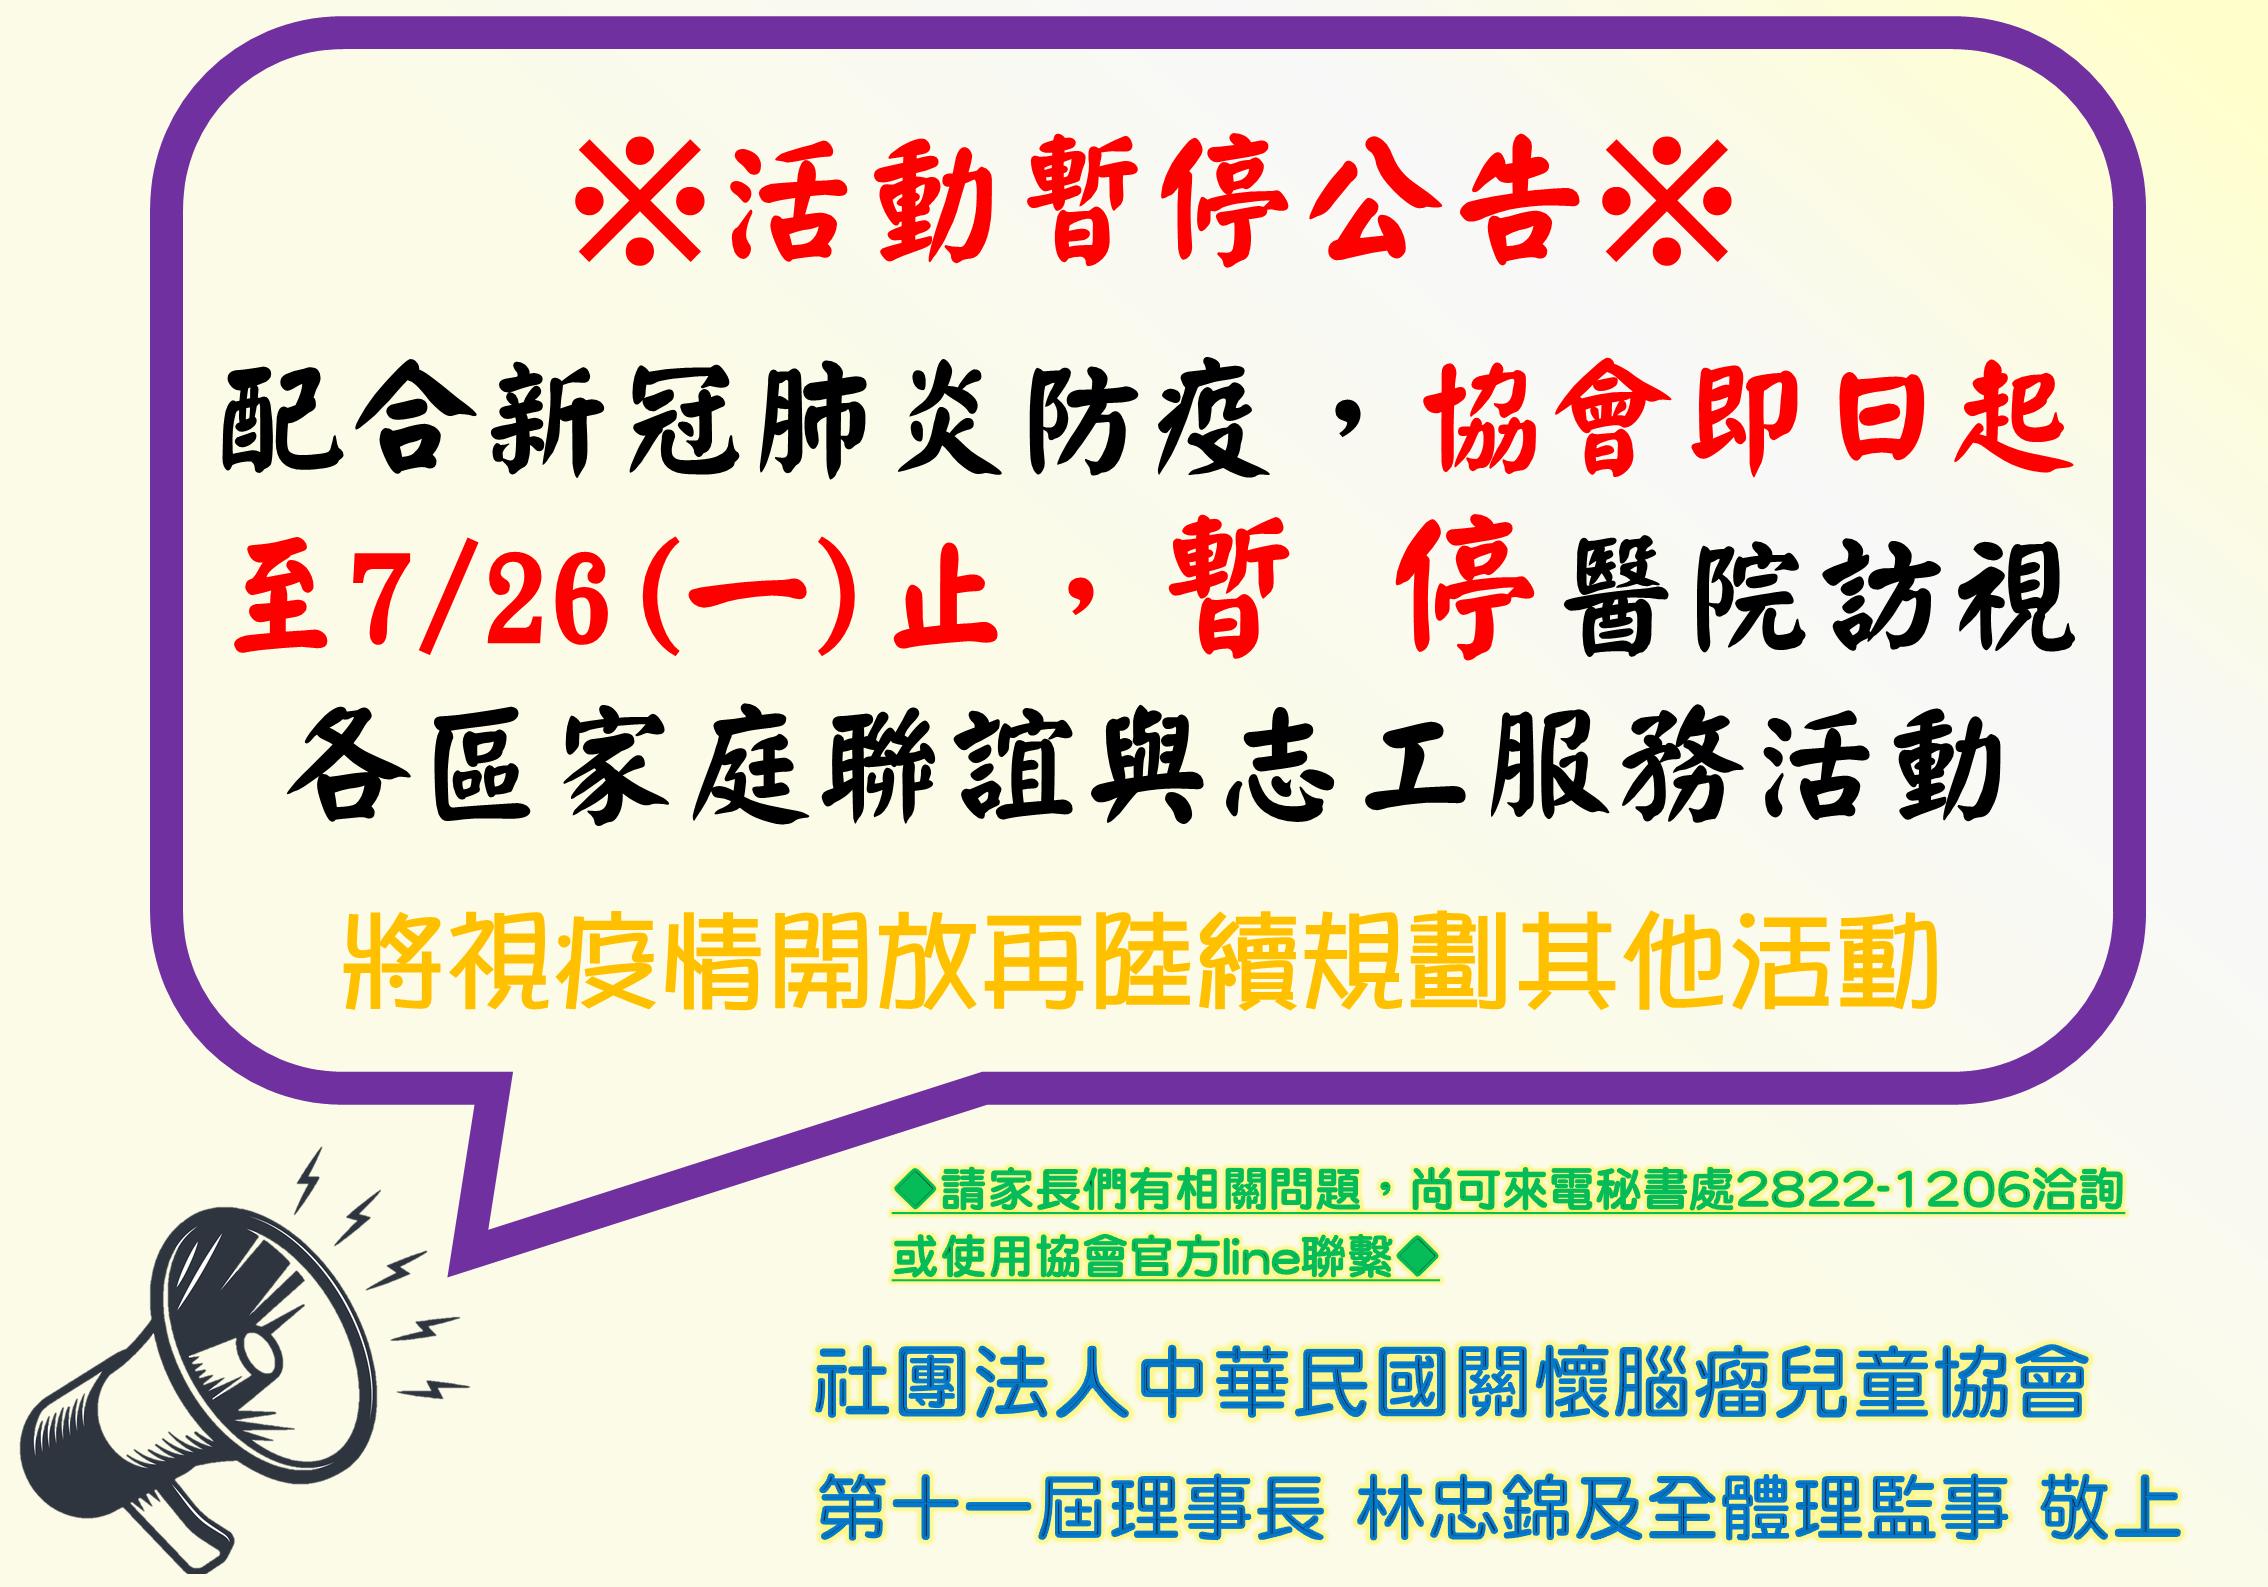 活動暫停公告110.07.26版.png